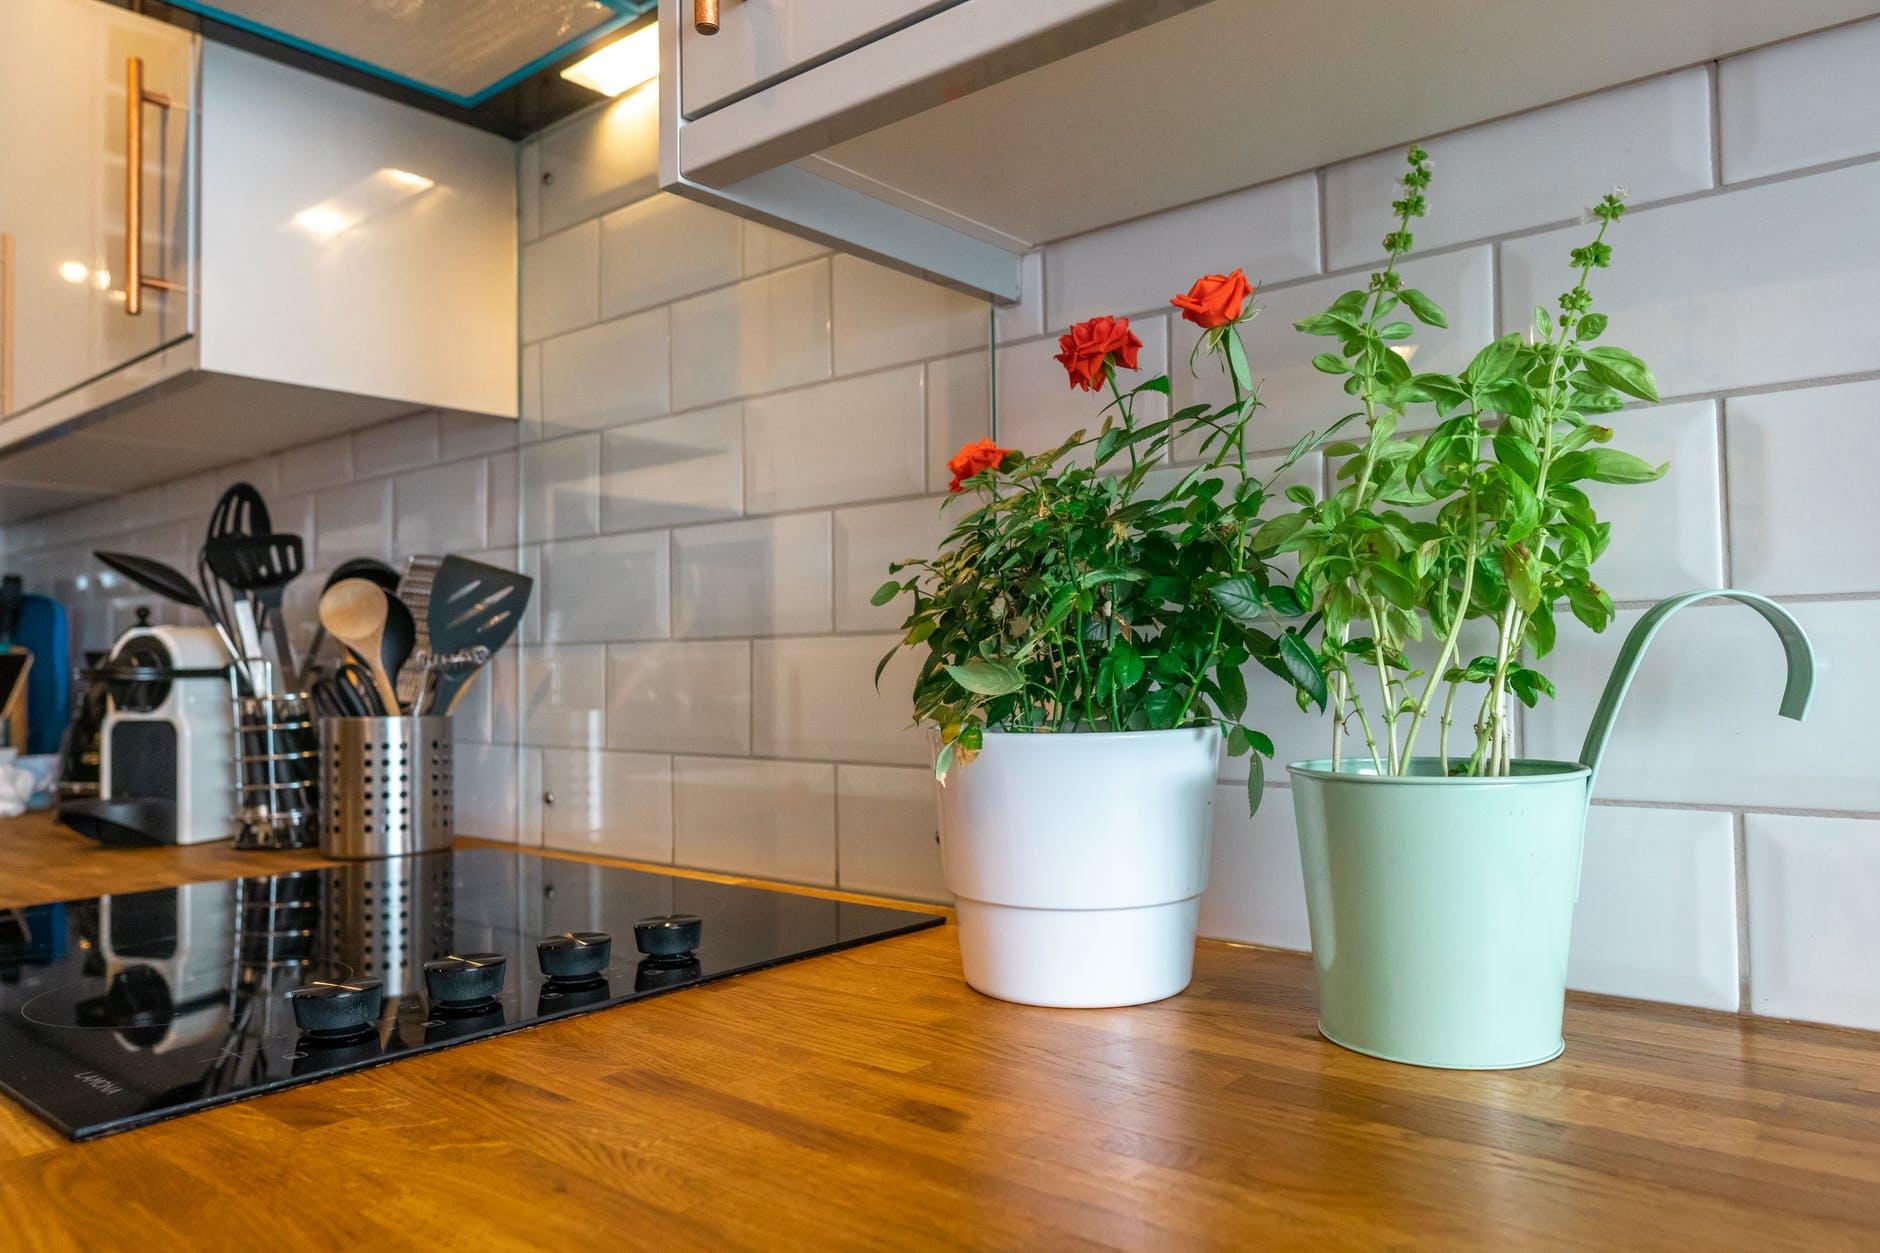 Rośliny doniczkowe a kuchnia, co wybrać i gdzie umieszczać?